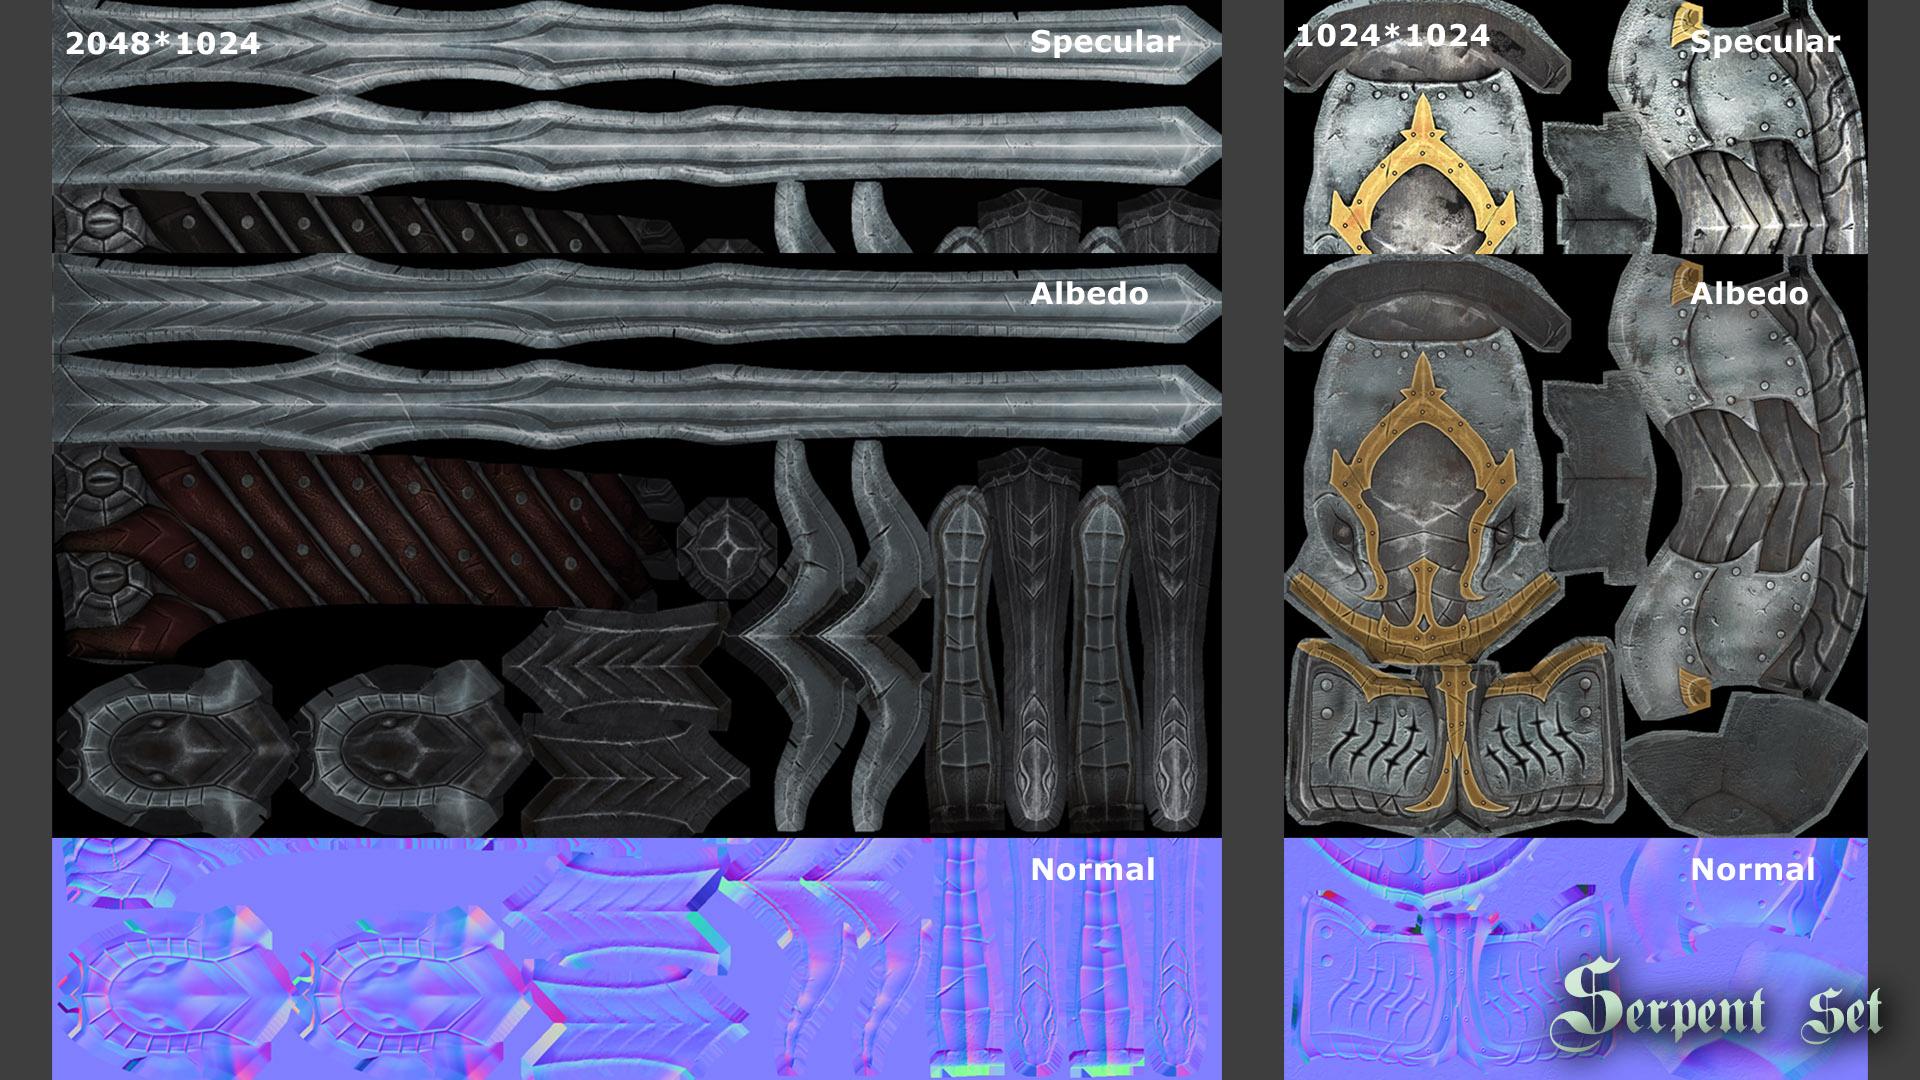 Serpent_set_textures.jpg